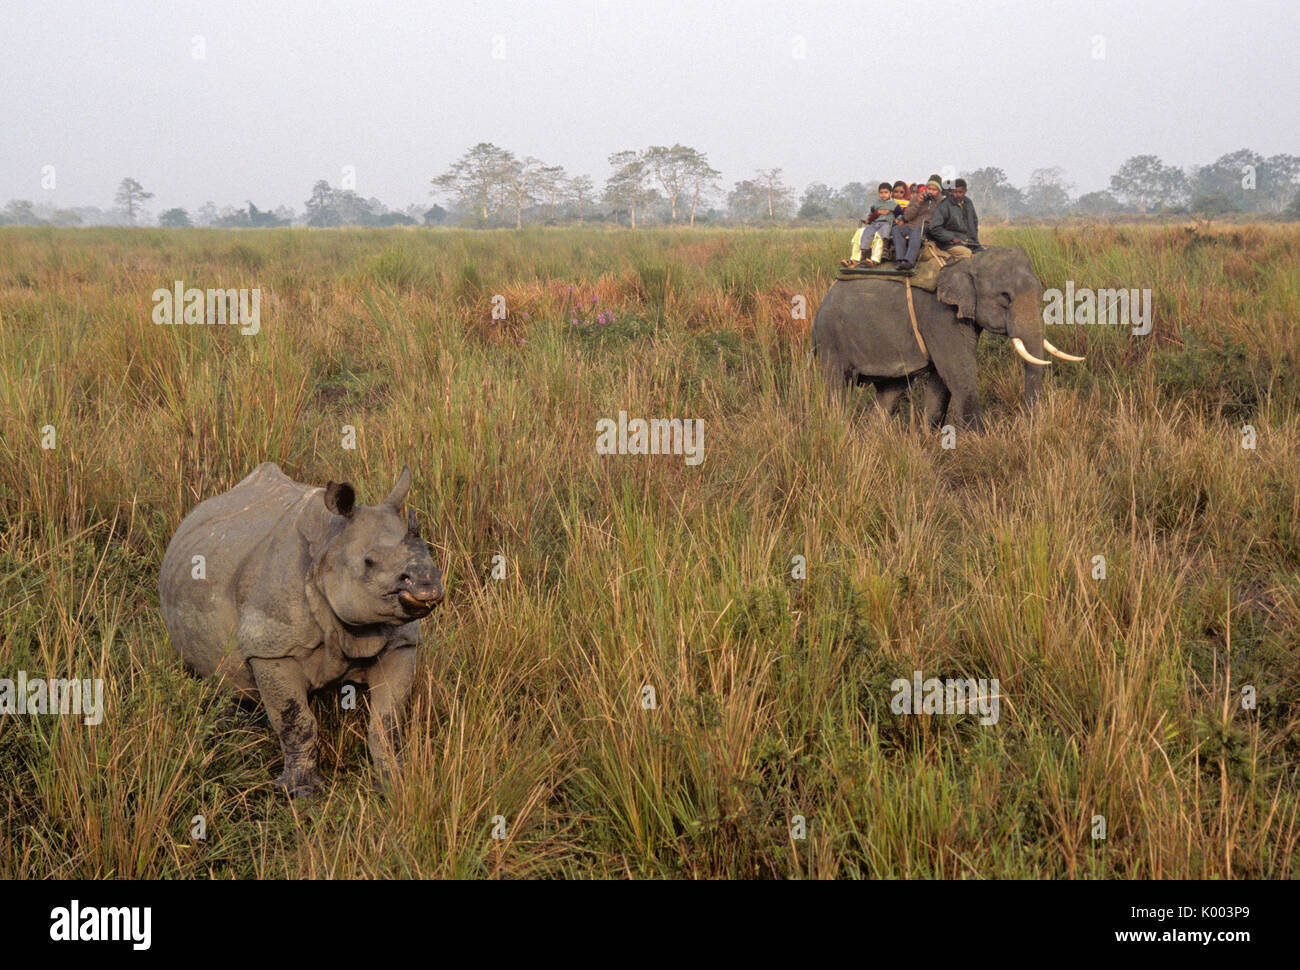 Indian tourists on elephant watching Asian one-horned rhinoceros, Kaziranga National Park, Assam, India - Stock Image